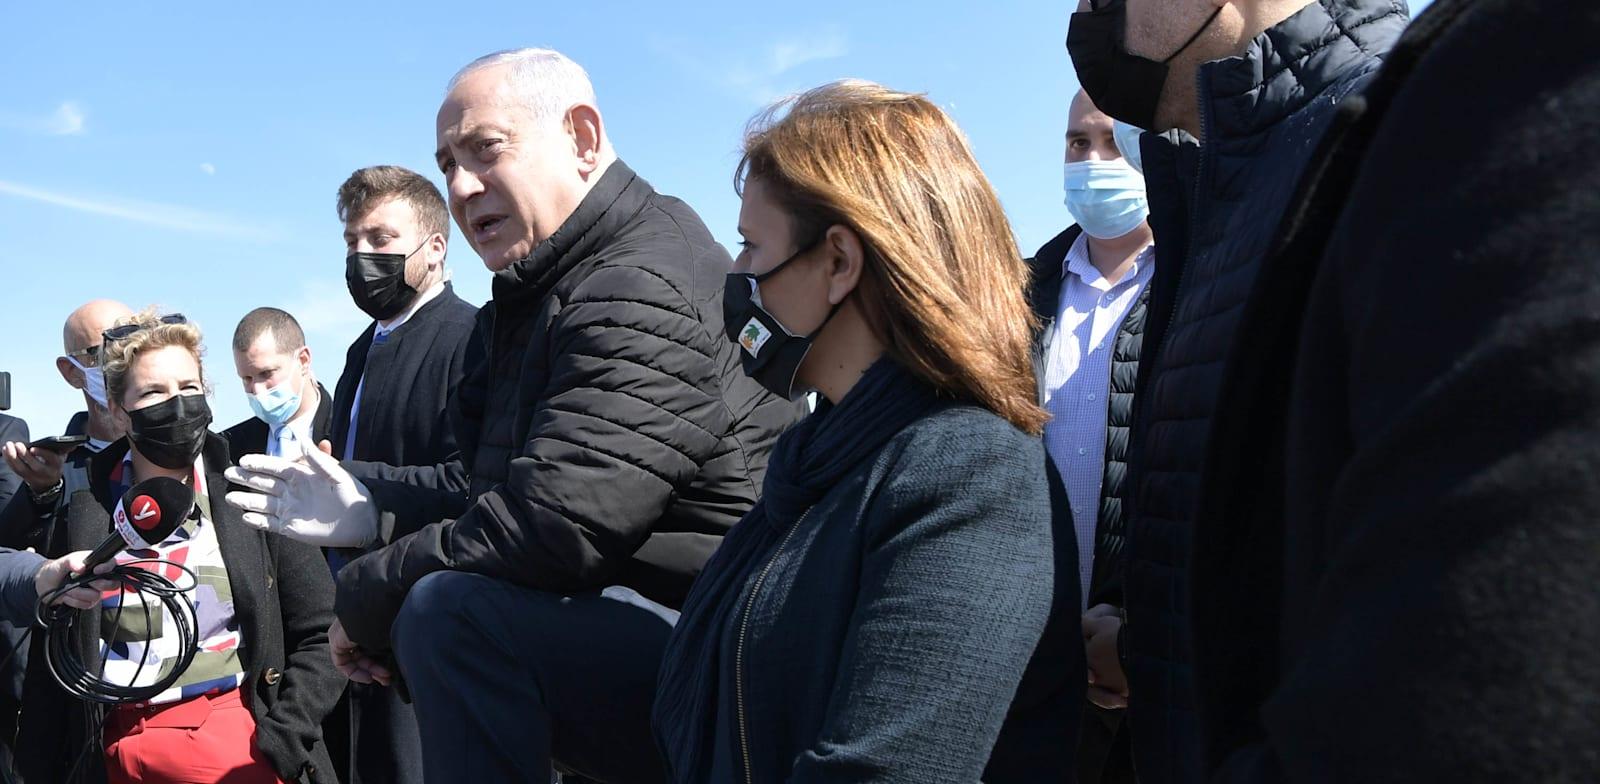 """ראש הממשלה בנימין נתניהו והשרה להגנת הסביבה גילה גמליאל בחוף ים באשדוד בעקבות דליפת הנפט שגרמה לזיהום בחופי הארץ / צילום: קובי גדעון, לע""""מ"""